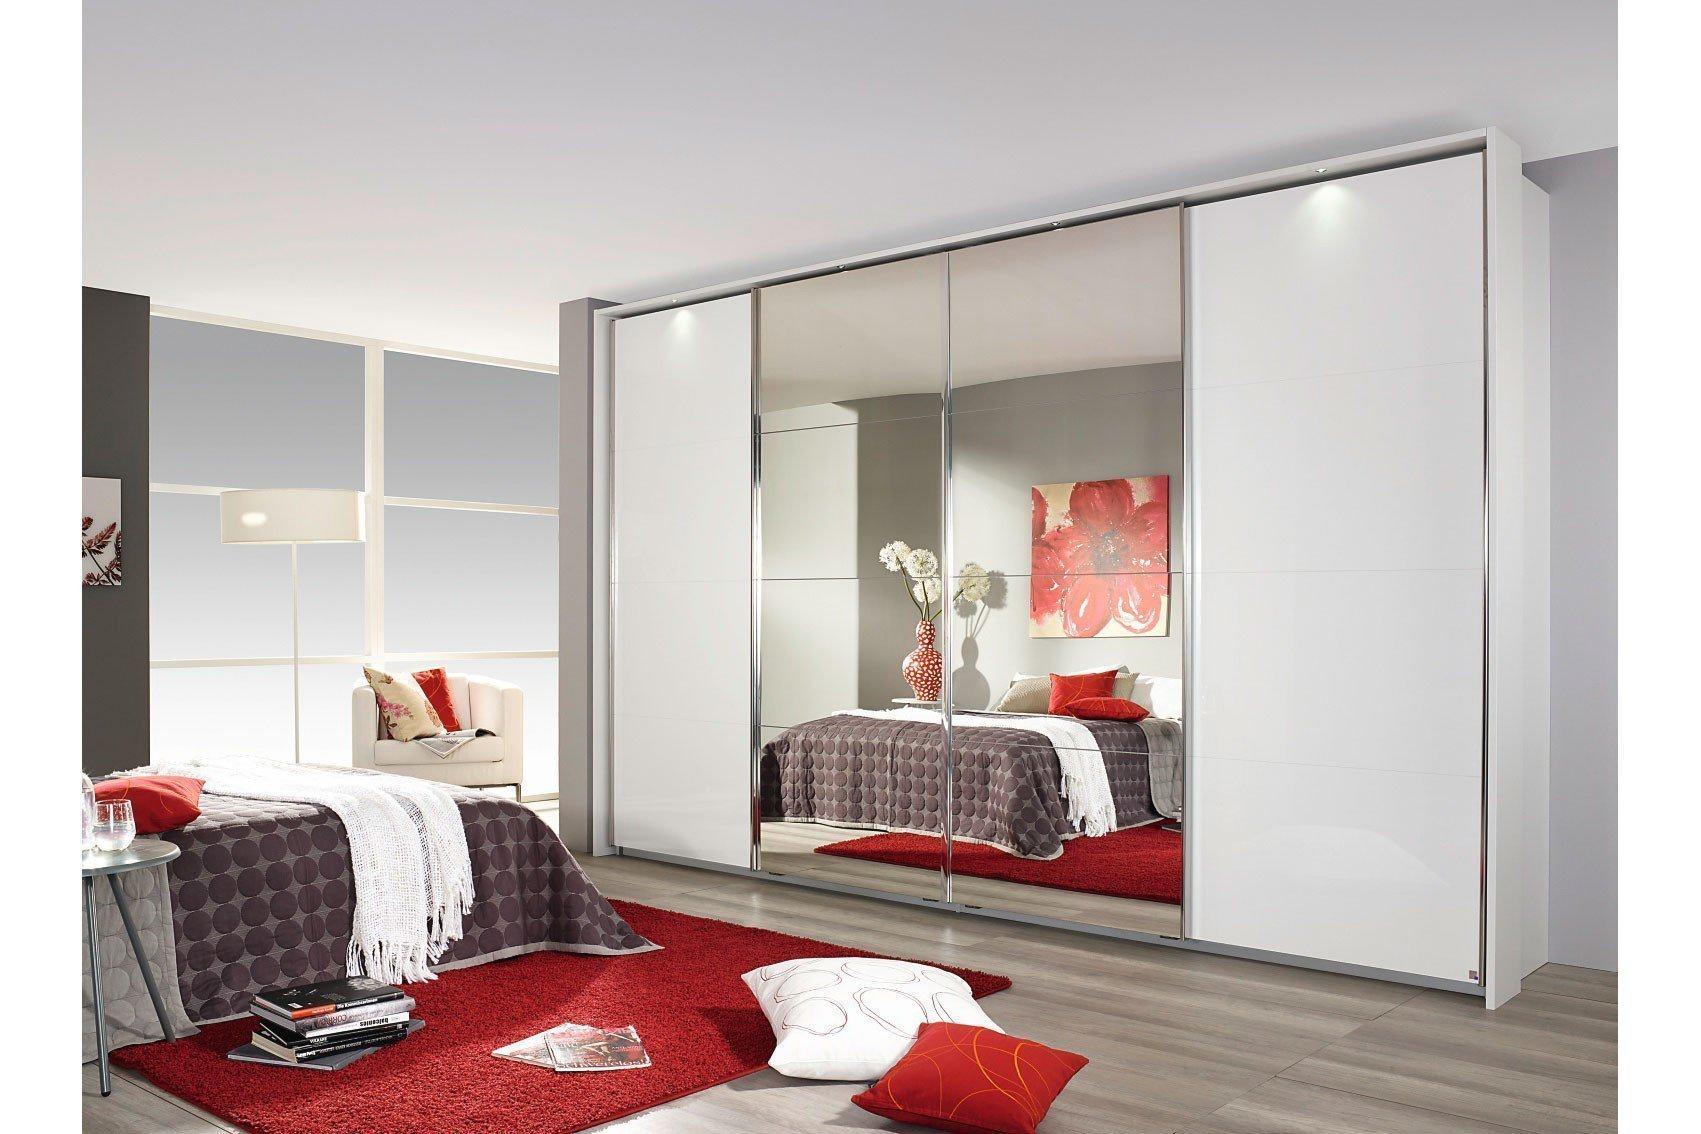 rauch schrank syncrono dekor glas spiegel m bel letz ihr online shop. Black Bedroom Furniture Sets. Home Design Ideas